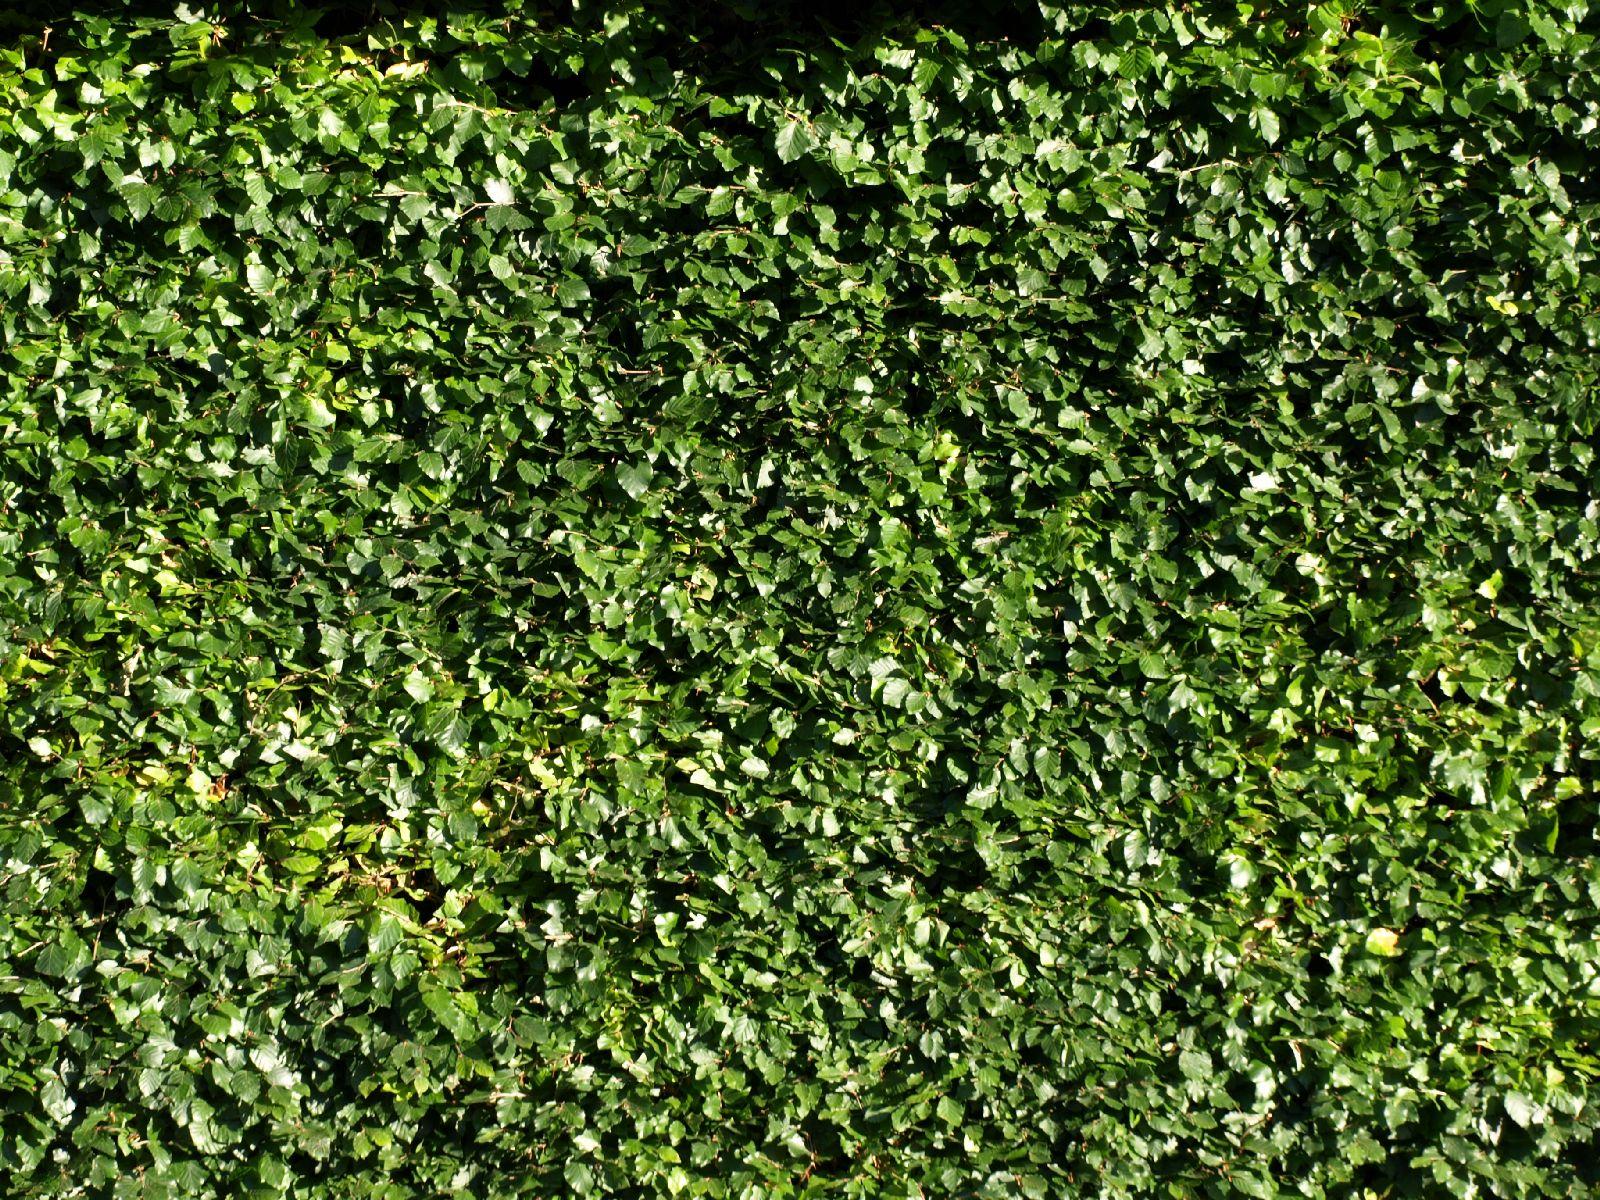 Pflanzen-Hecken-Foto_Textur_B_P6233716